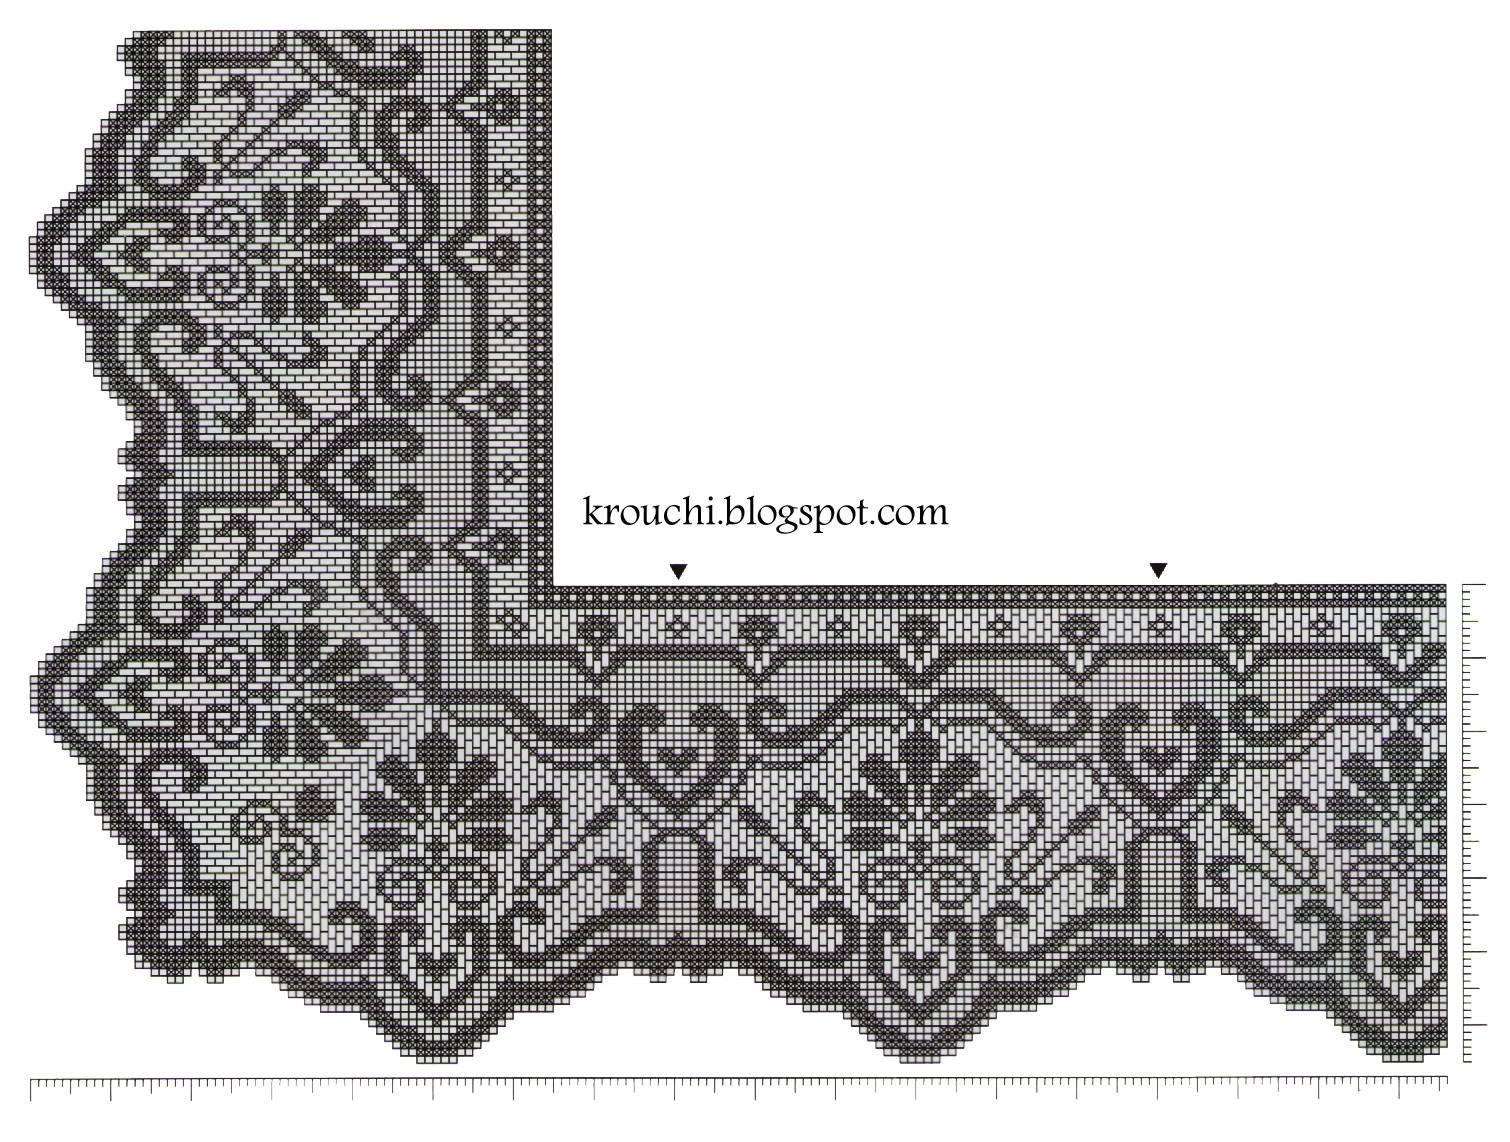 Kira Scheme Crochet September 2016 Flower Motif Motivos Hexagonales Pinterest Crocheted Set Of For Bedding